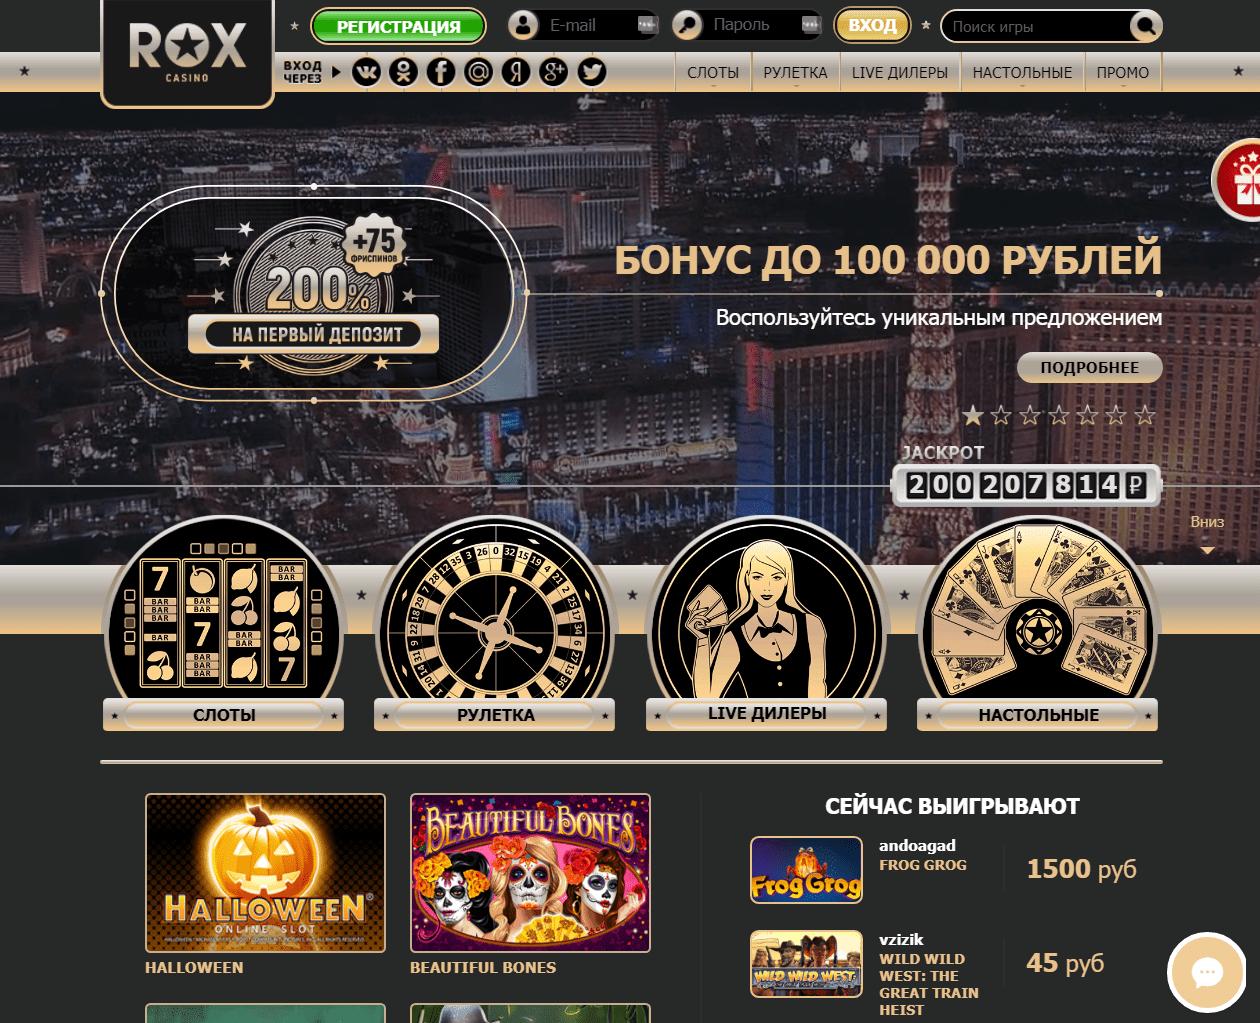 Почему казино Рокс вызывает так много негатива?